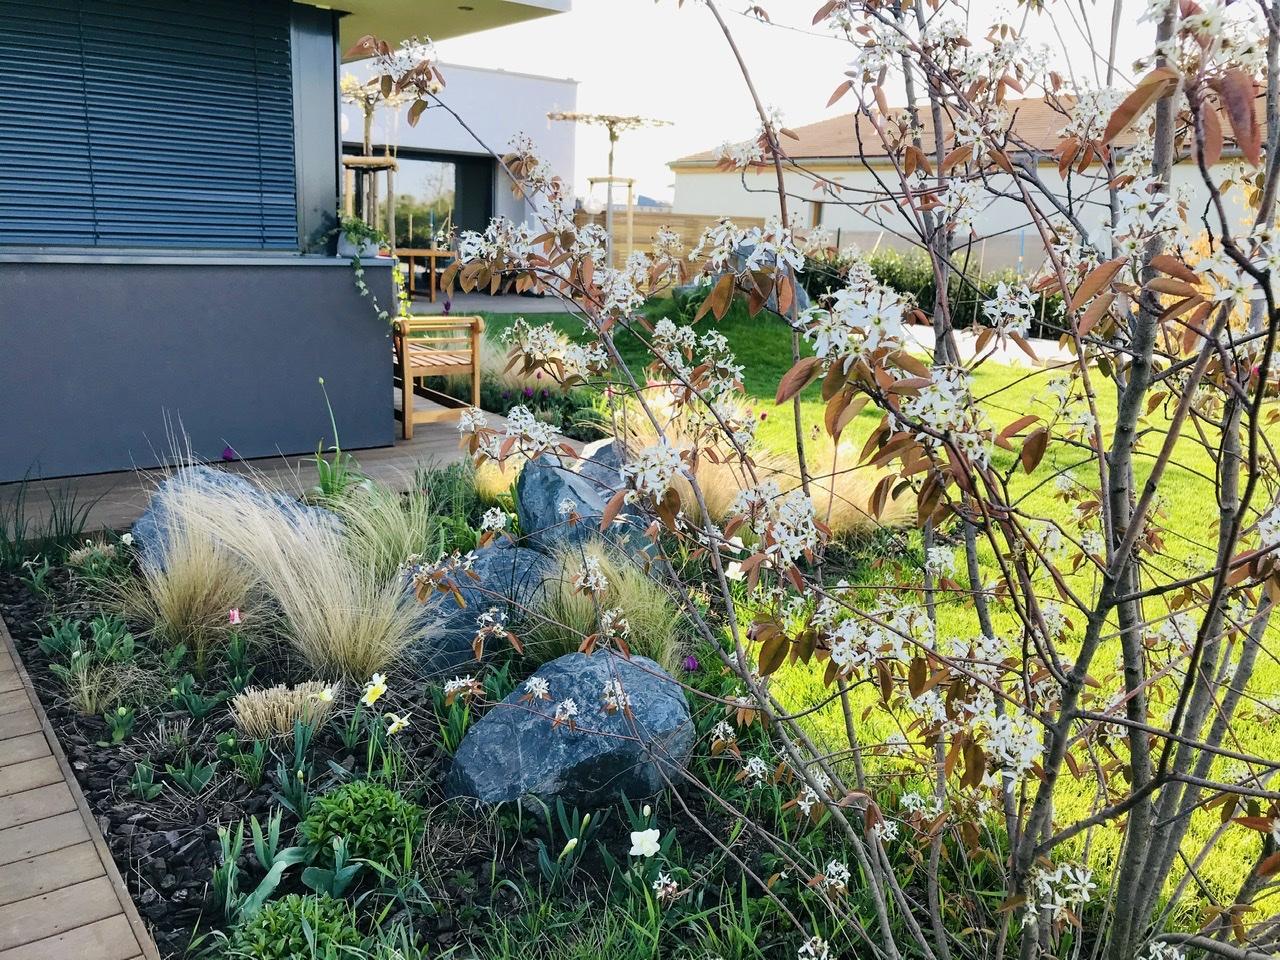 Naše L-ko - 2021 - stále dokončujeme - U zadnej terasy - záhon a muchovník v kvete. Pozdlž susedného domu objednaných 12 kmienkovych stromkov s minikorunkami, pojdu ku plotu ku bazénu tak aby korunky boli nad živym plotom z bobkovišní a vytvorili zelenú kulisu